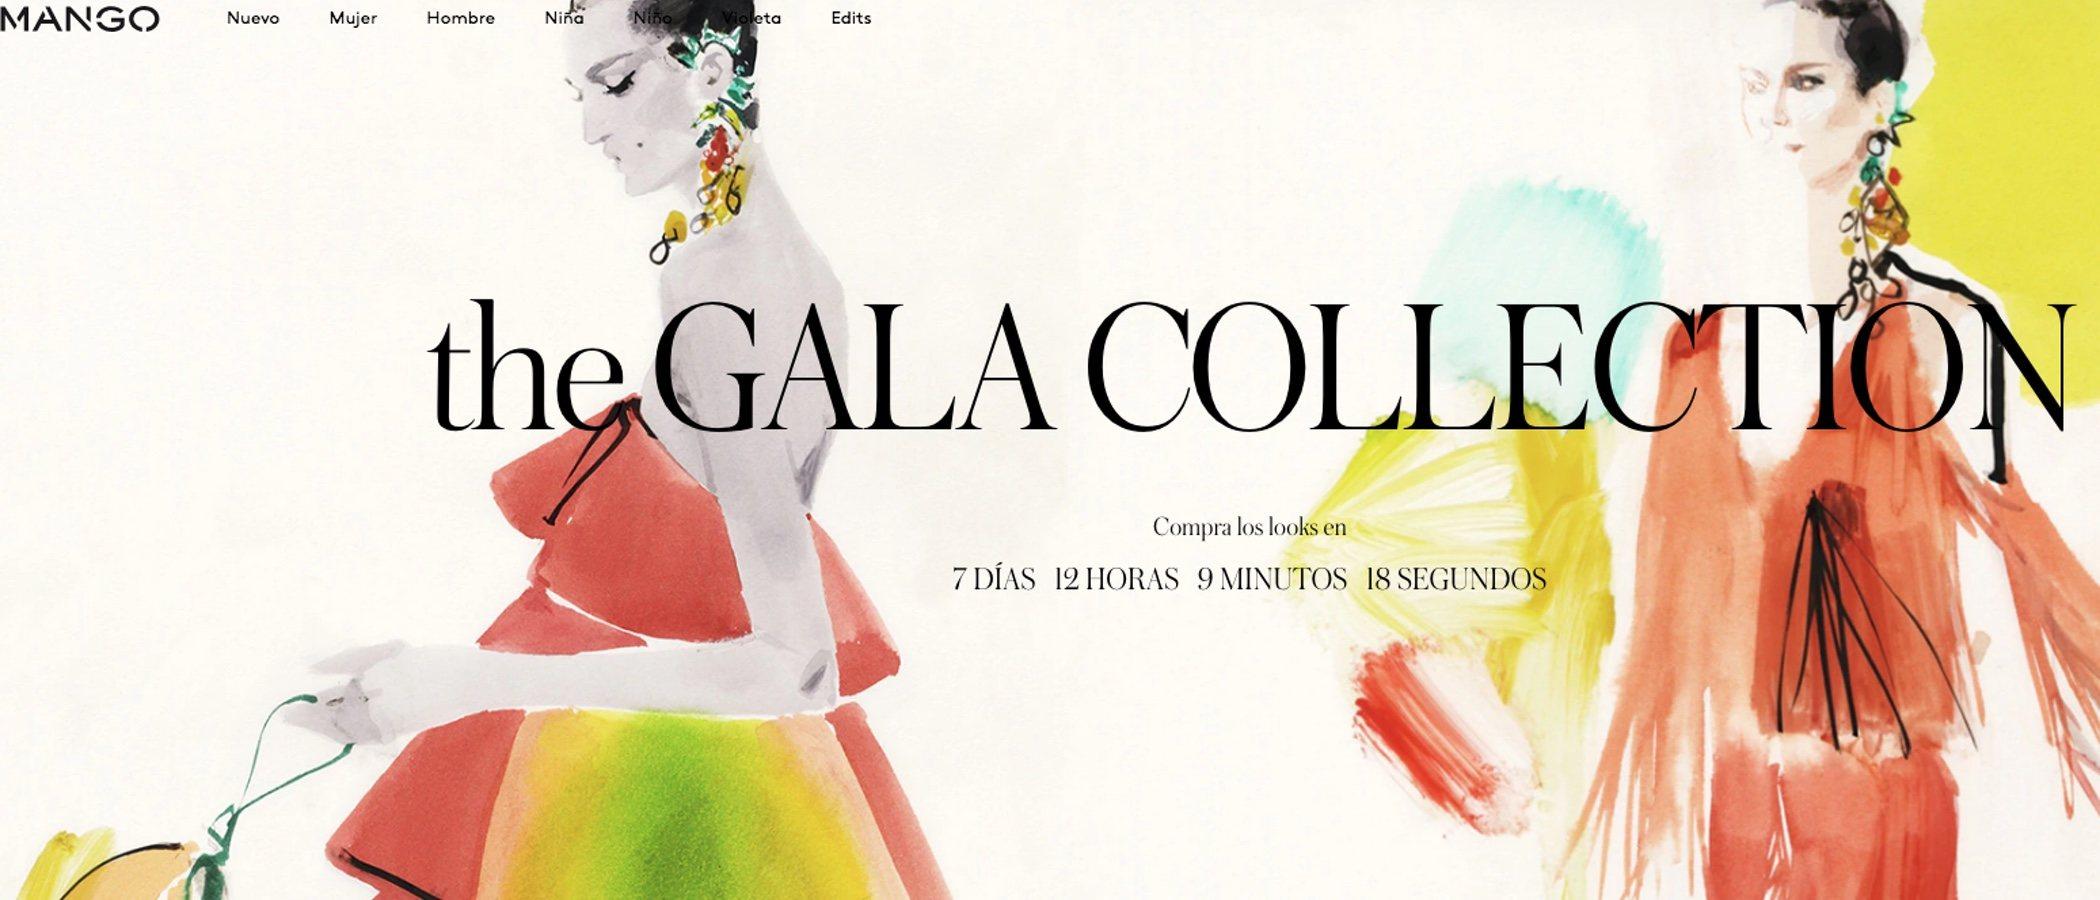 Mango lanza su colección más exclusiva con el vestido de la MET Gala